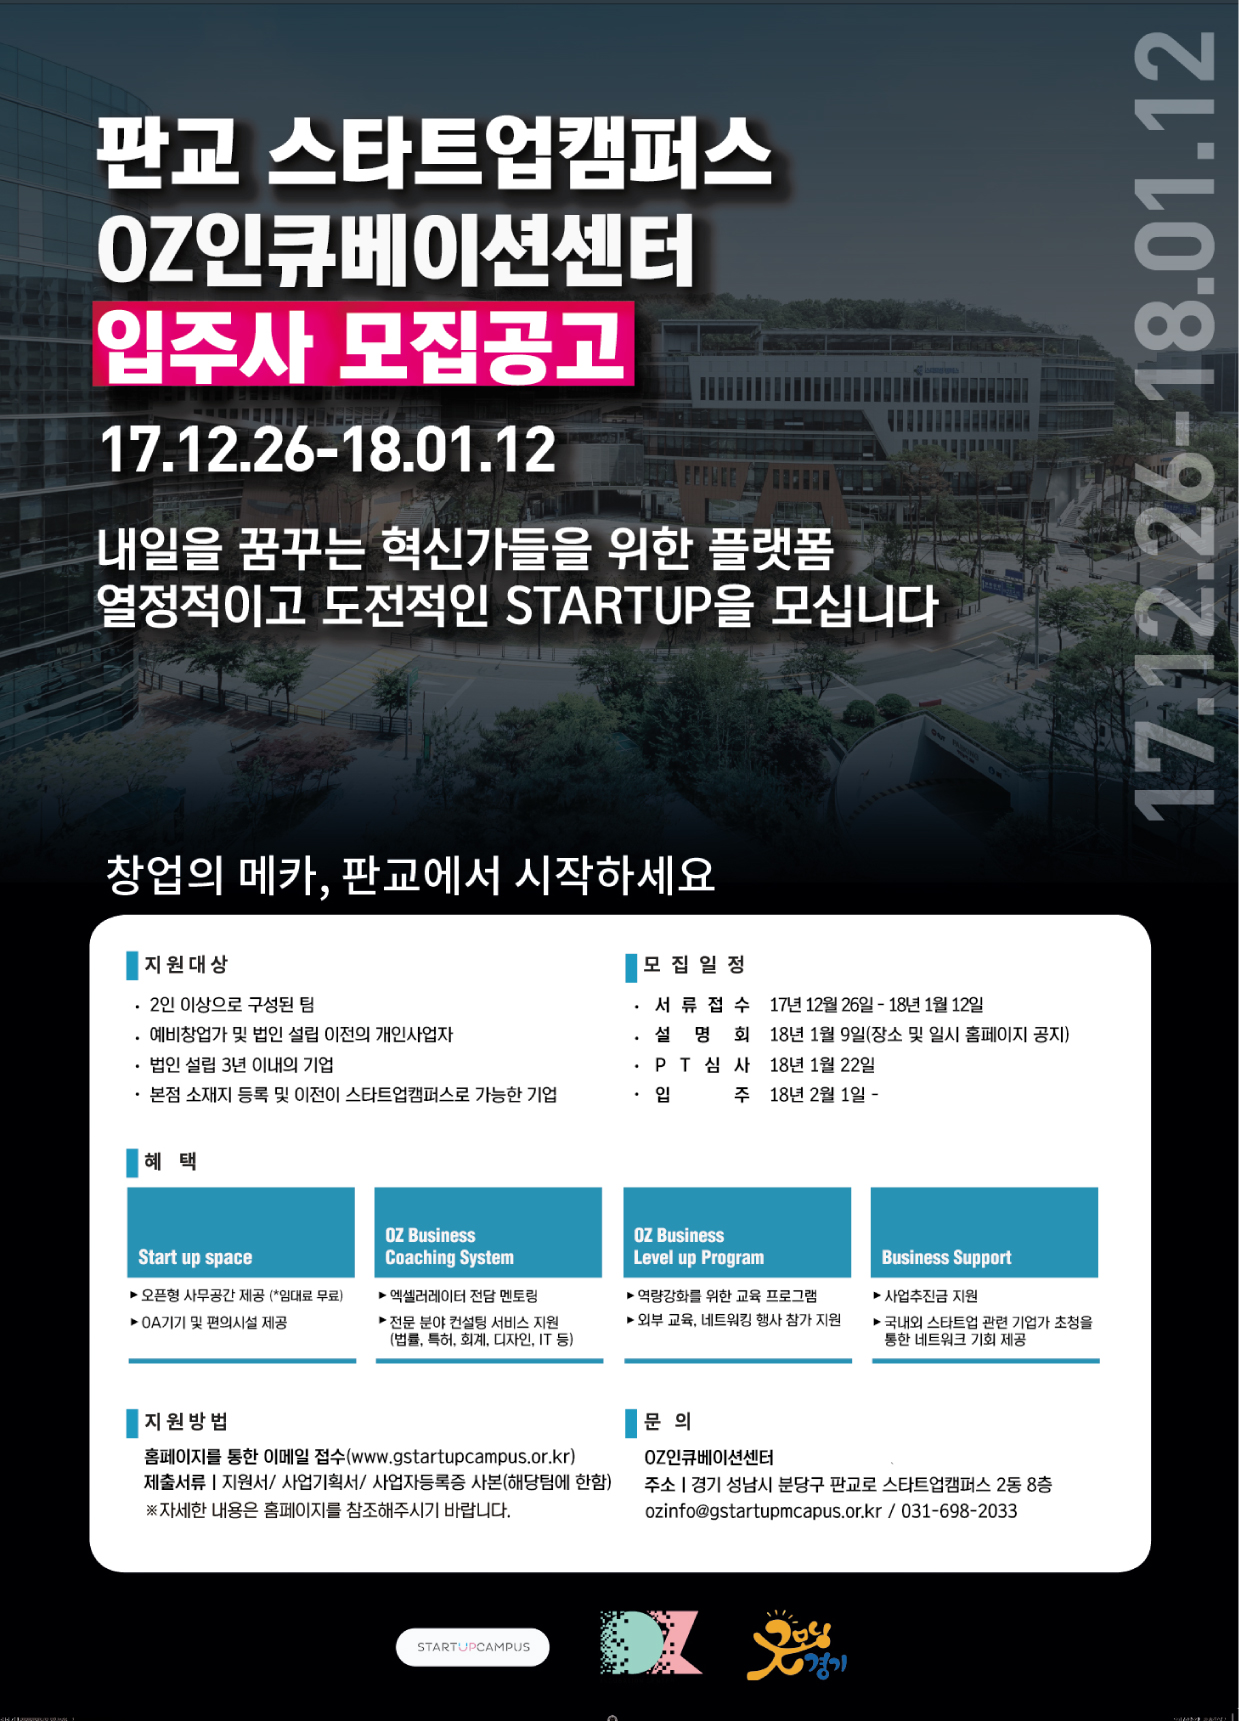 스타트업캠퍼스 OZ인큐베이션센터 입주사 모집